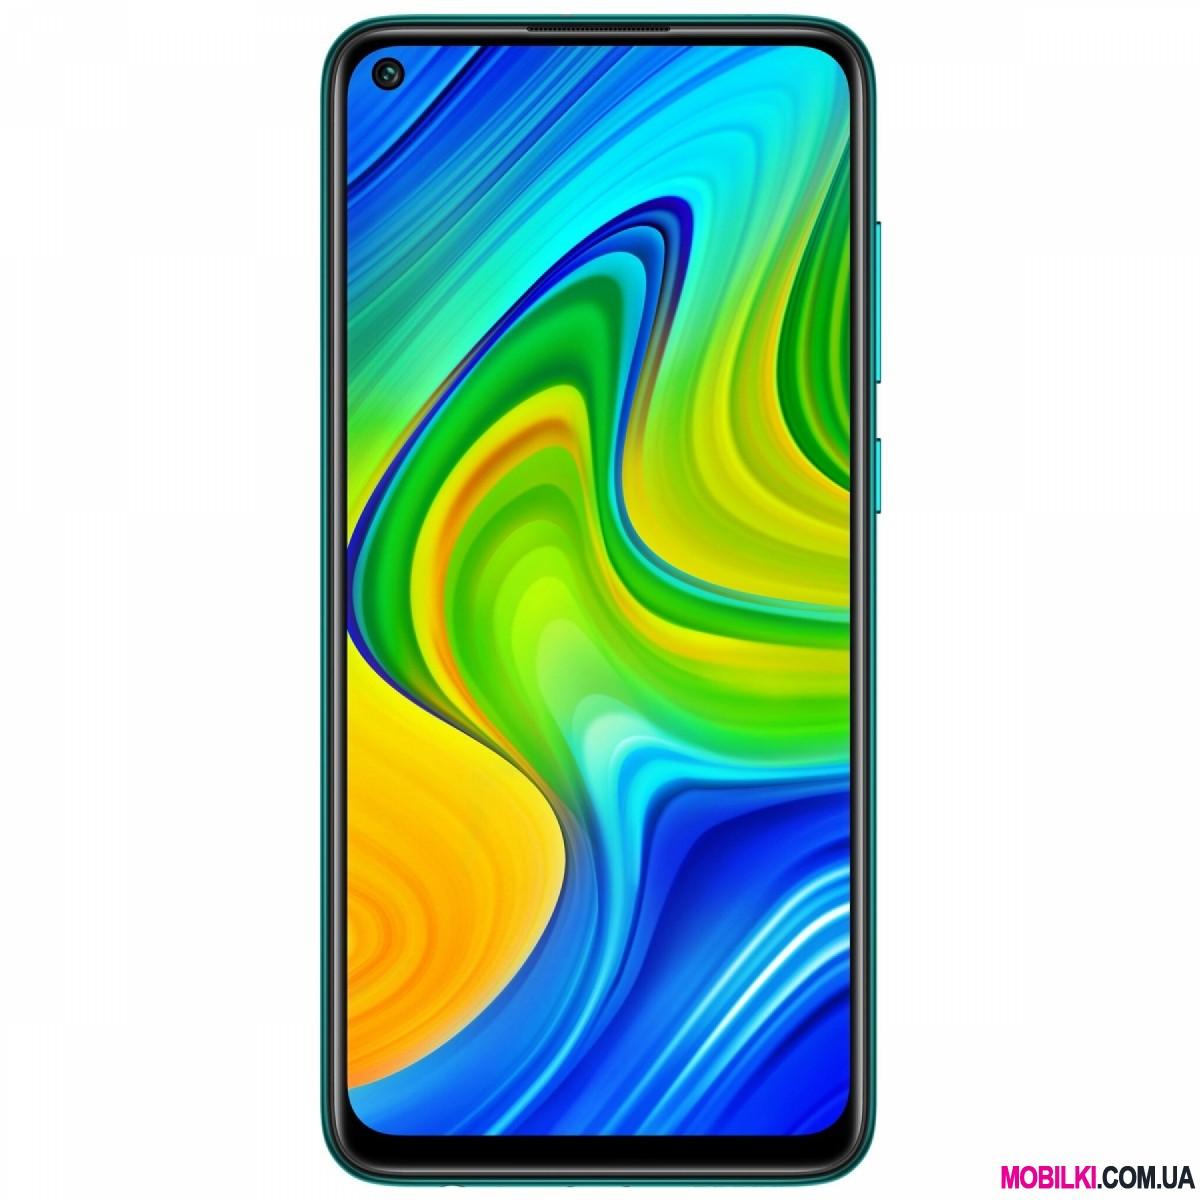 Xiaomi Redmi Note 9 3/64 UA